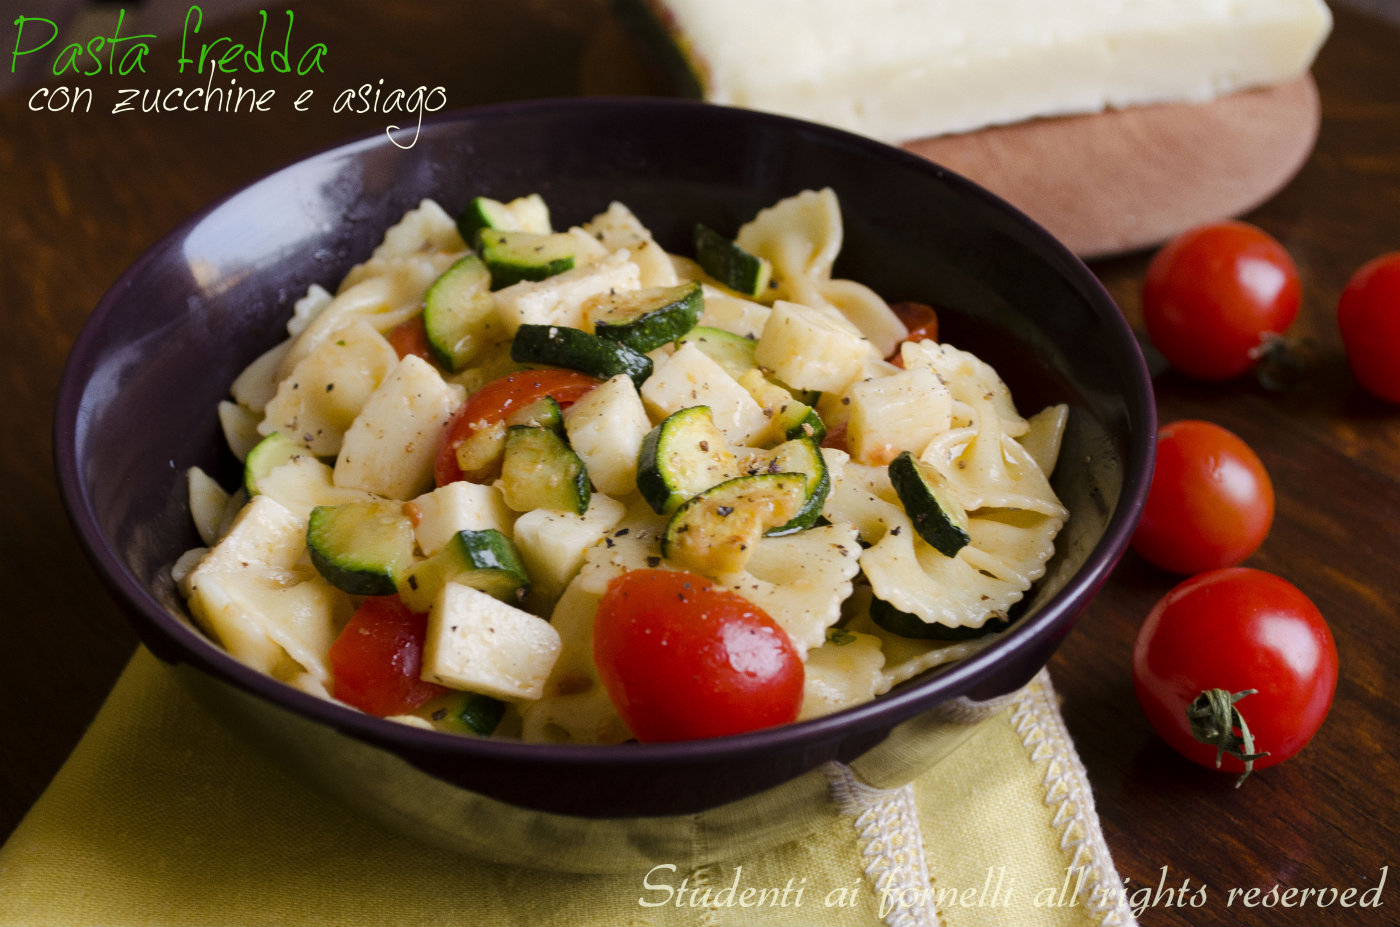 pasta fredda con zucchine e asiago ricetta insalata estiva